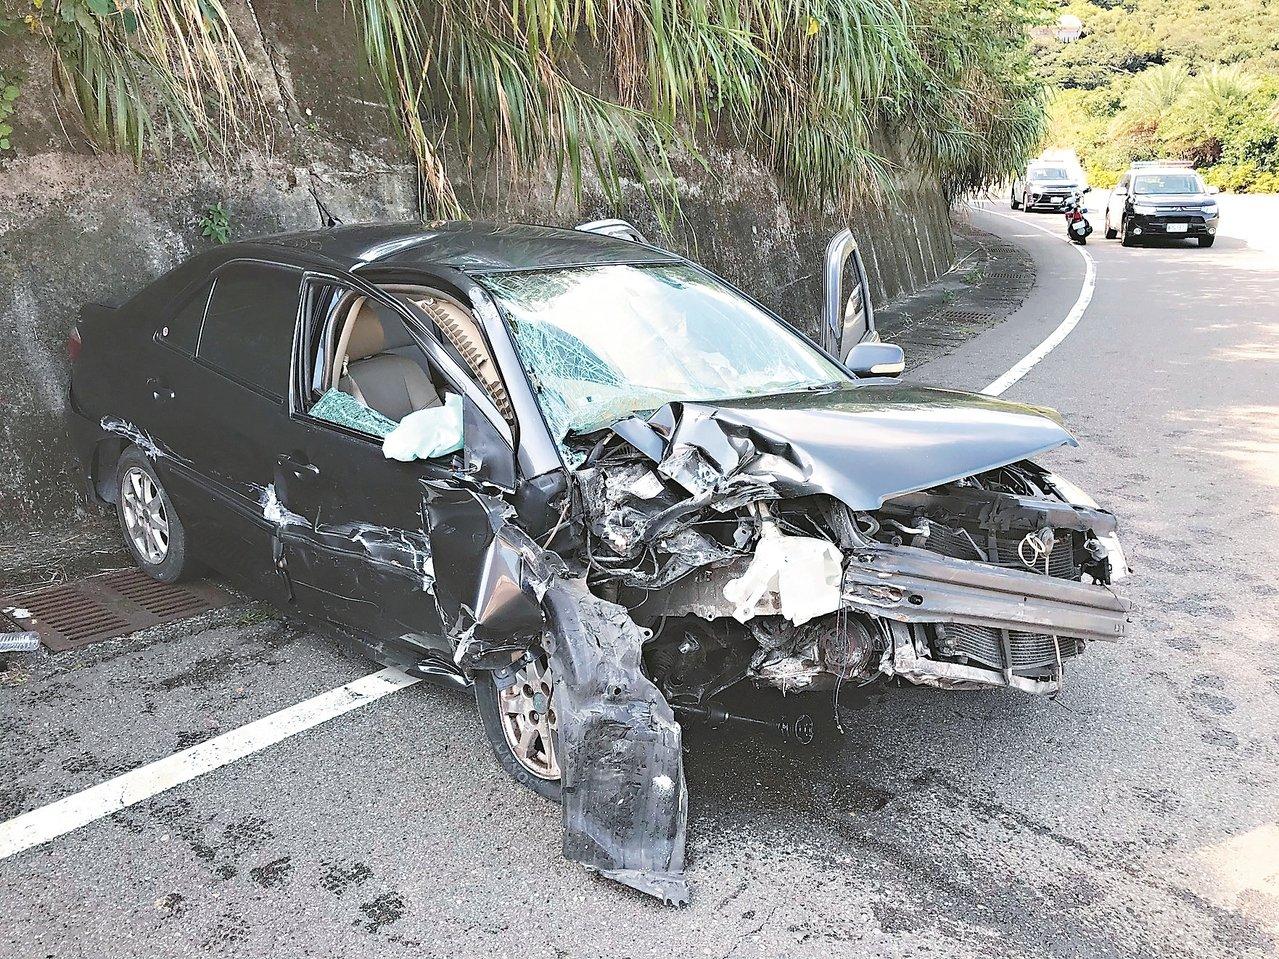 友人車禍昏迷 同車竟跳車「先回家」